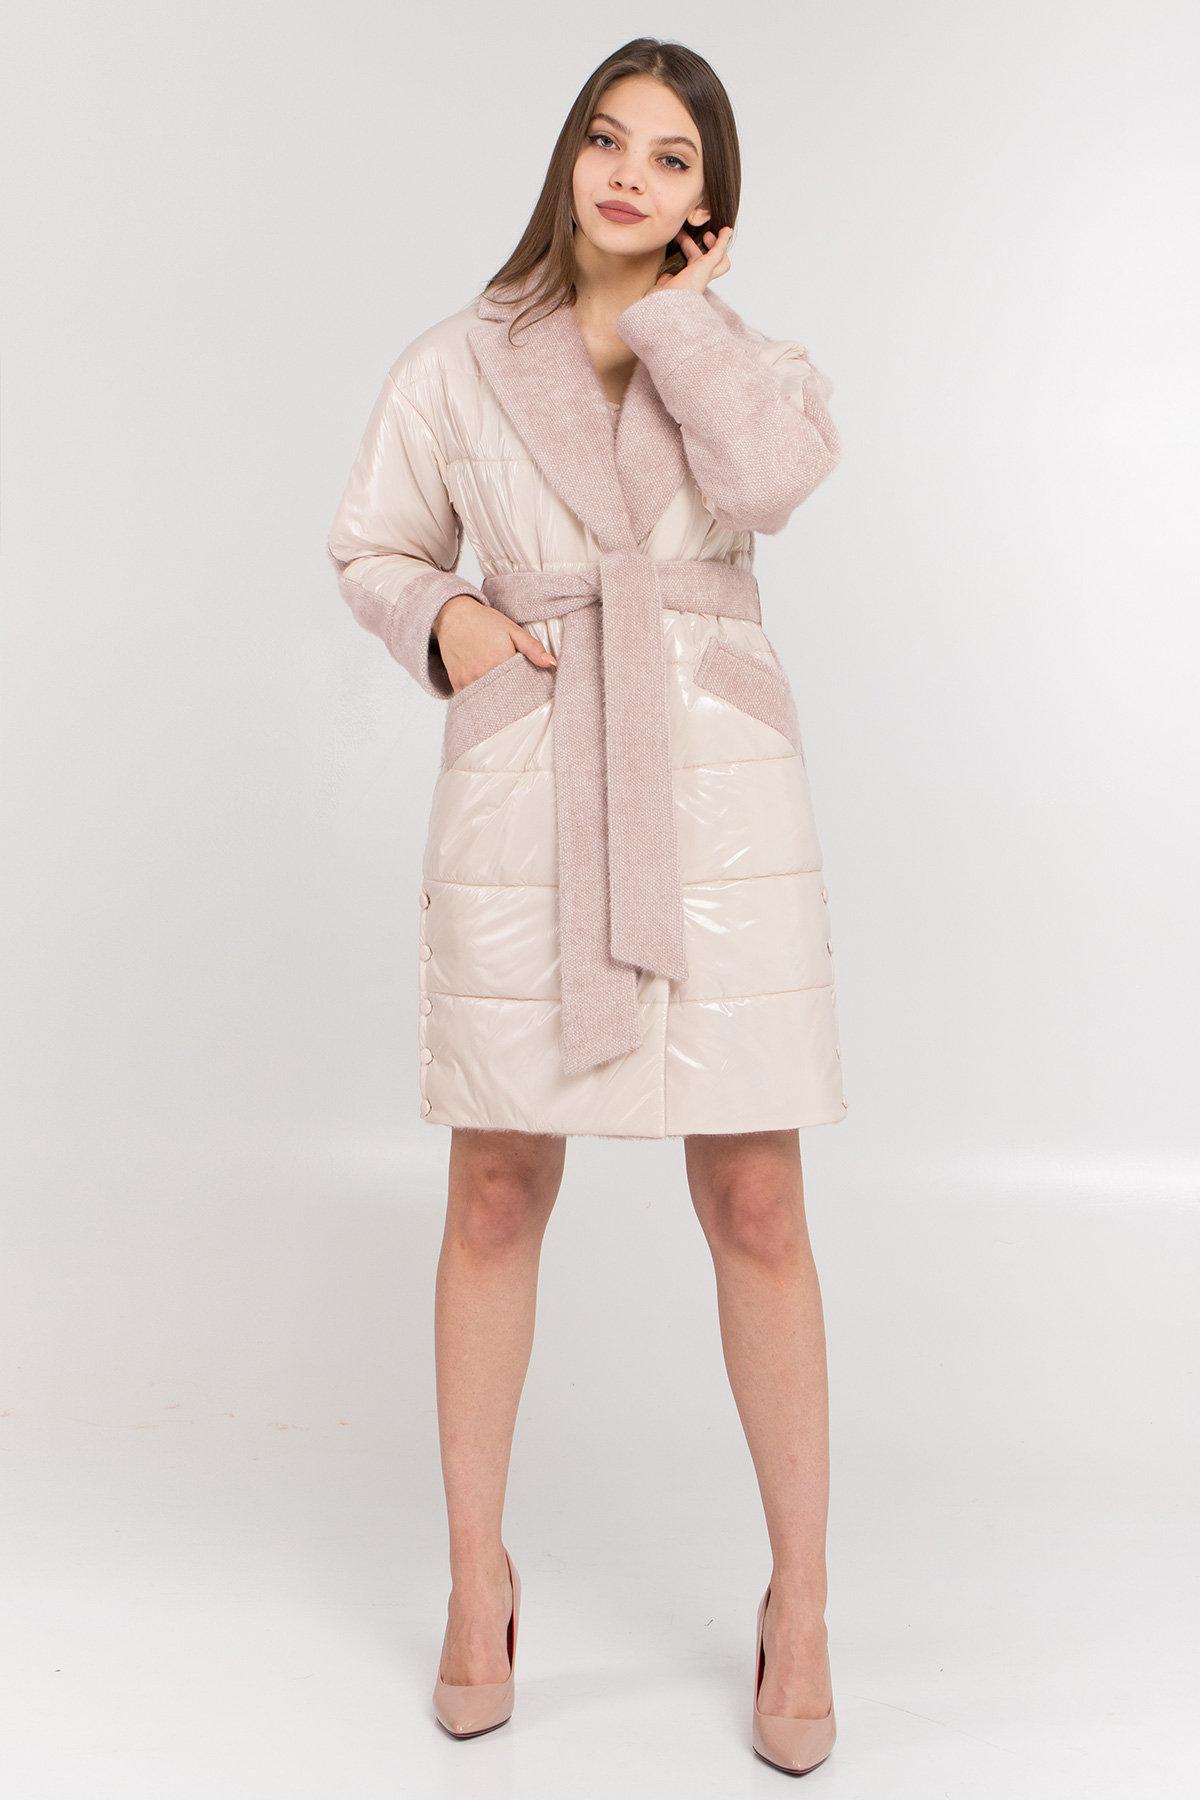 Осенние пальто больших размеров Комбинированное пальто с плащевкой Санья 8780